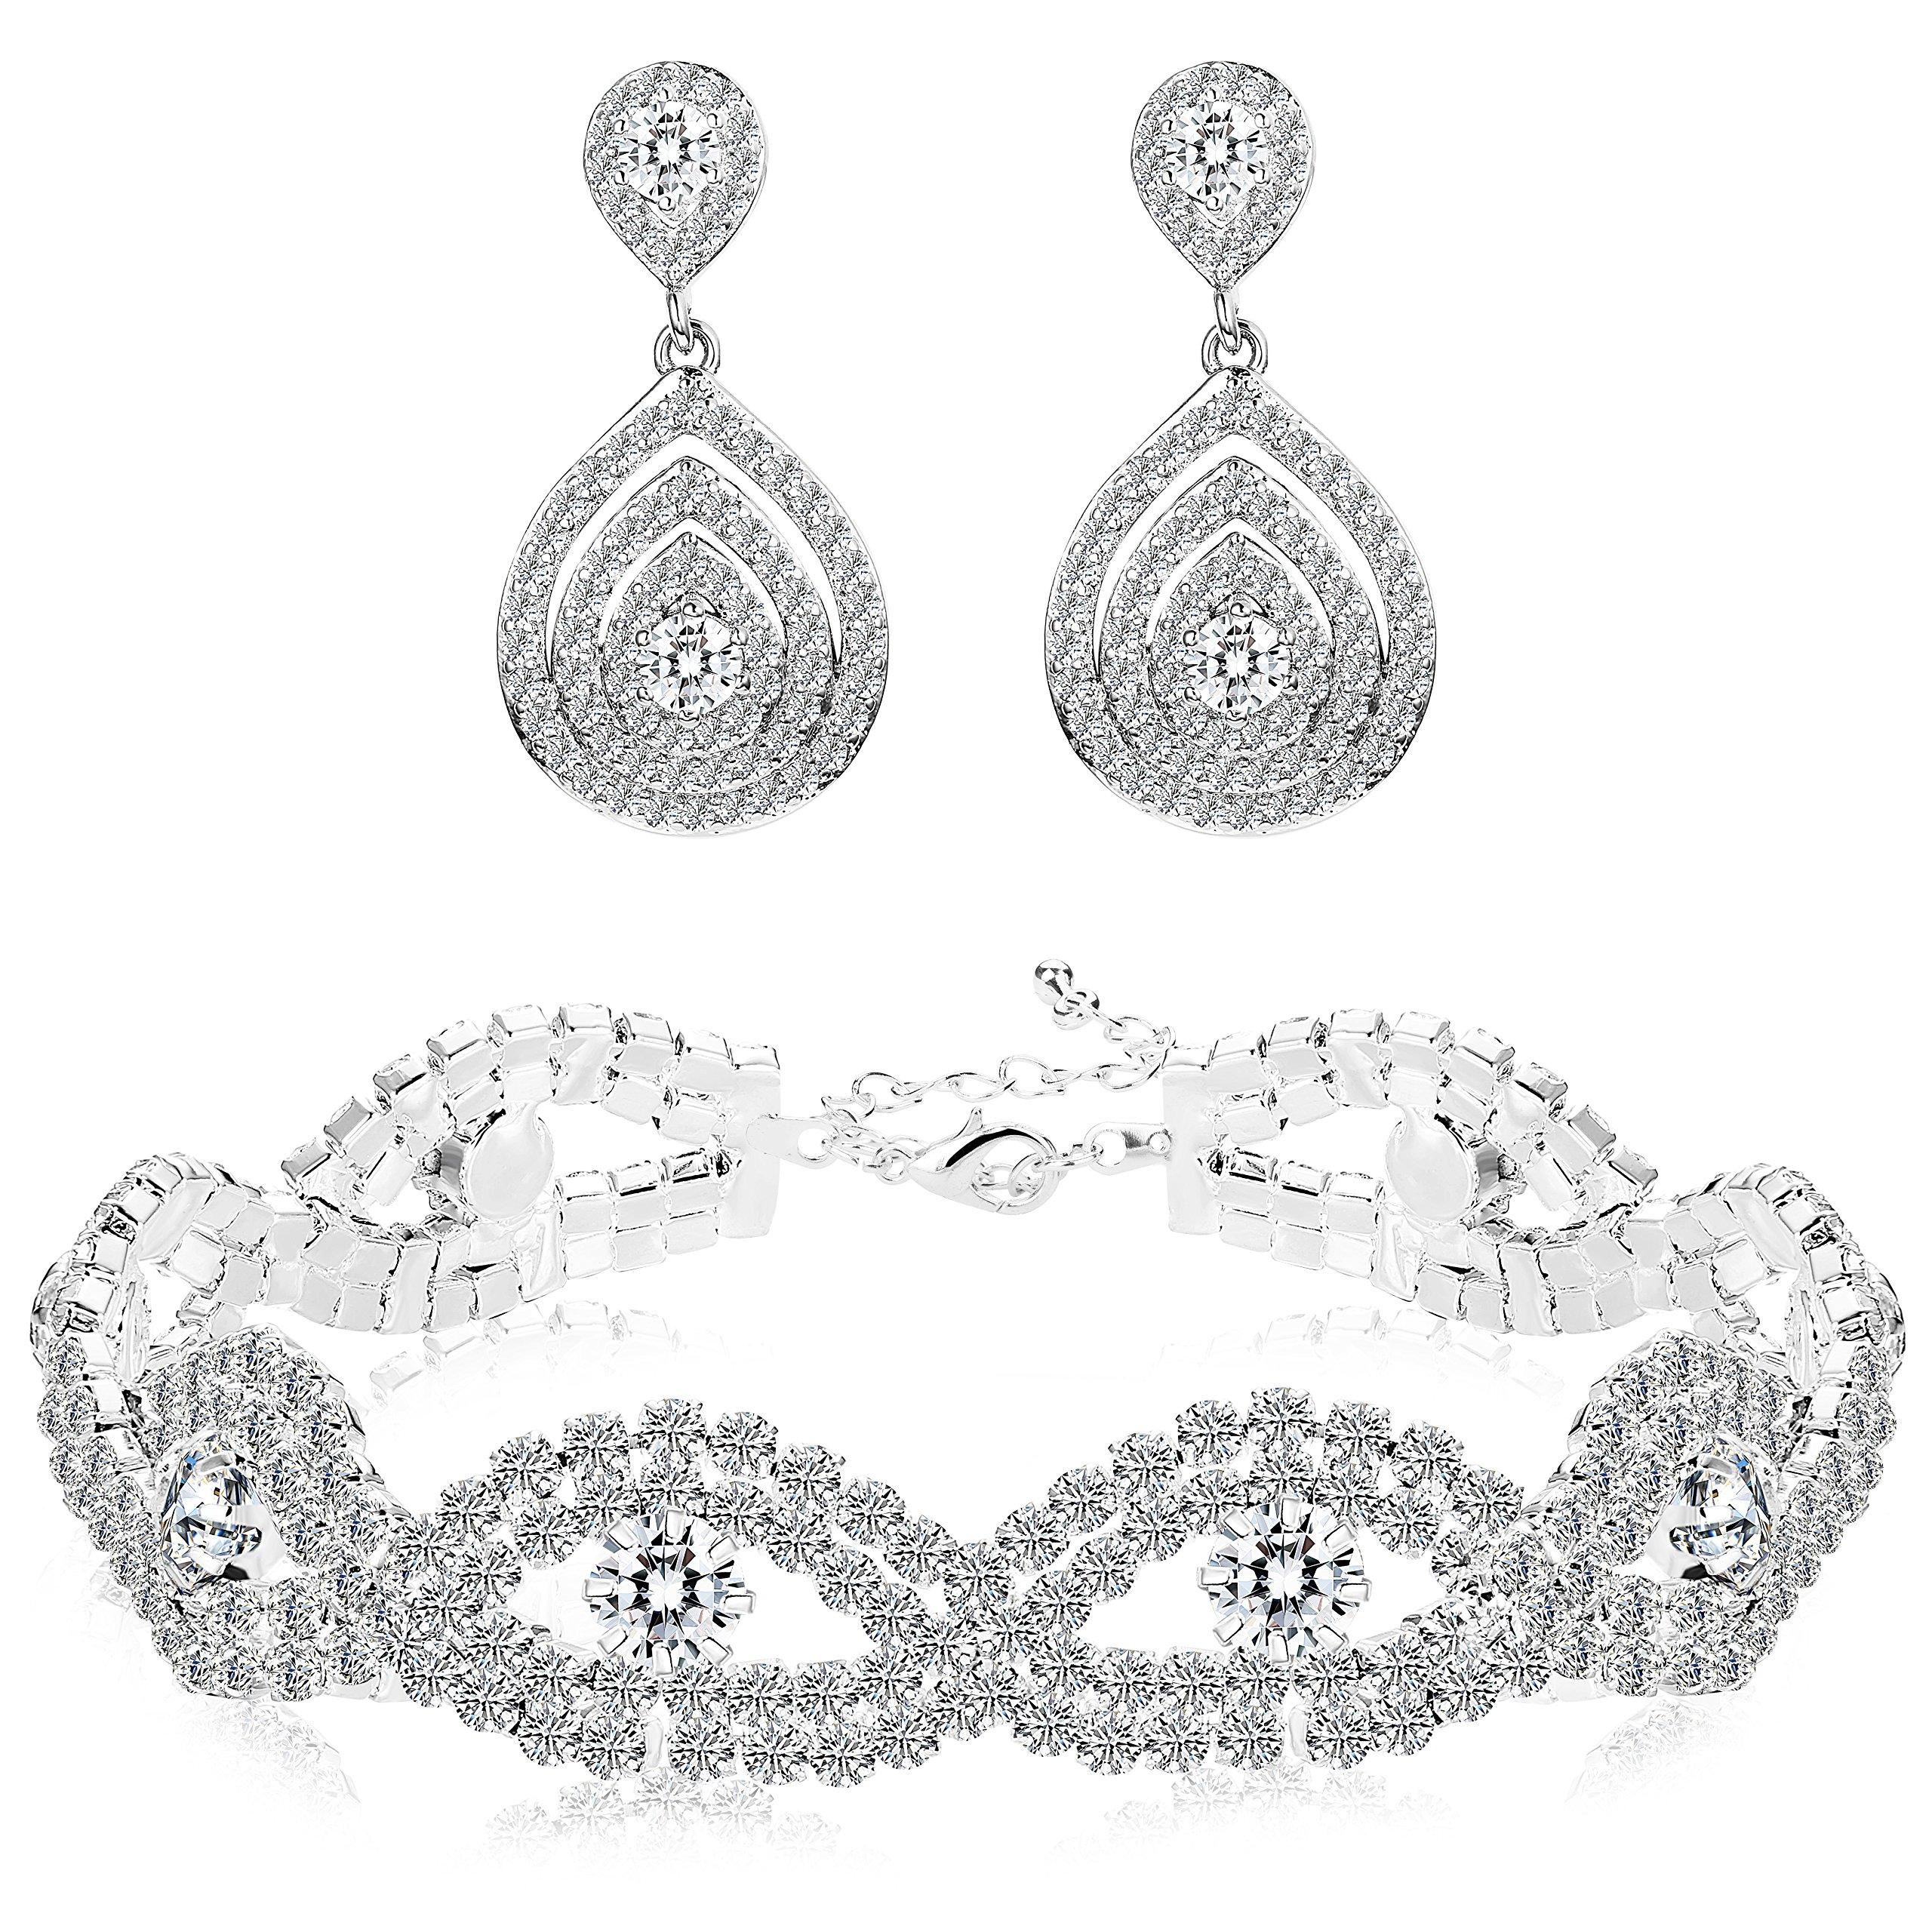 Finrezio Bridal Wedding Jewelry Set for Women Bracelets Dangle Teardrop Earrings Set Made of Clear Crystals